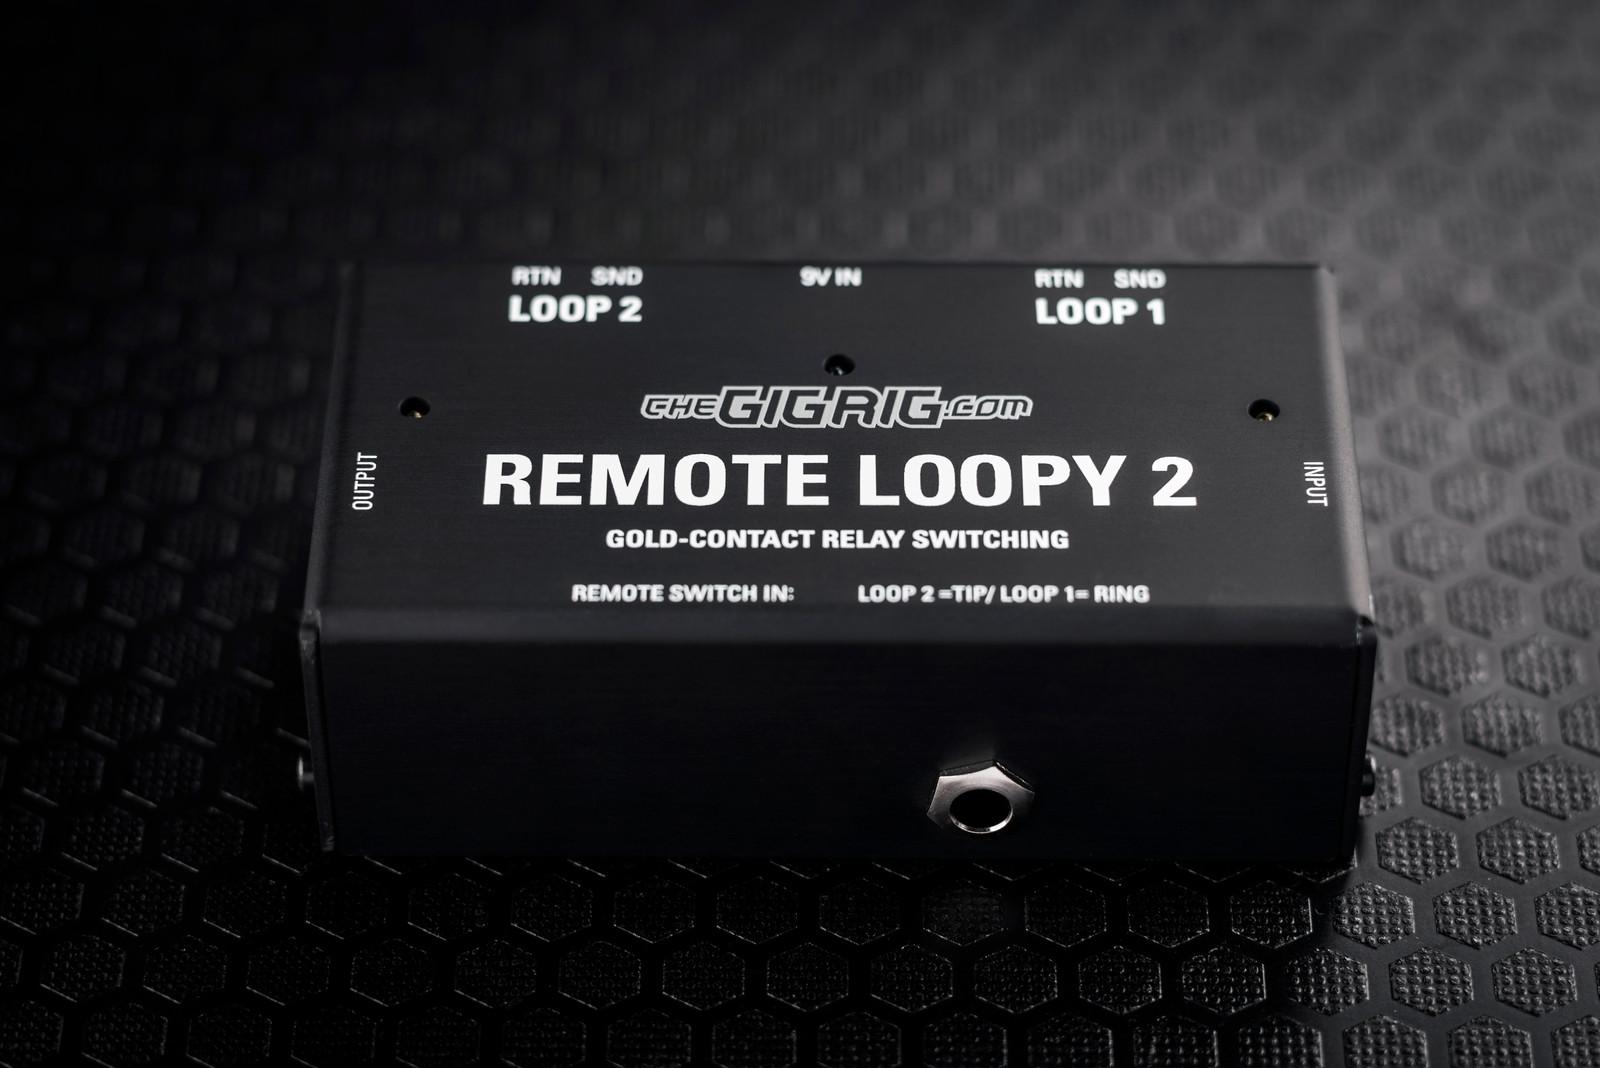 gigrig remote loopy 2 manual